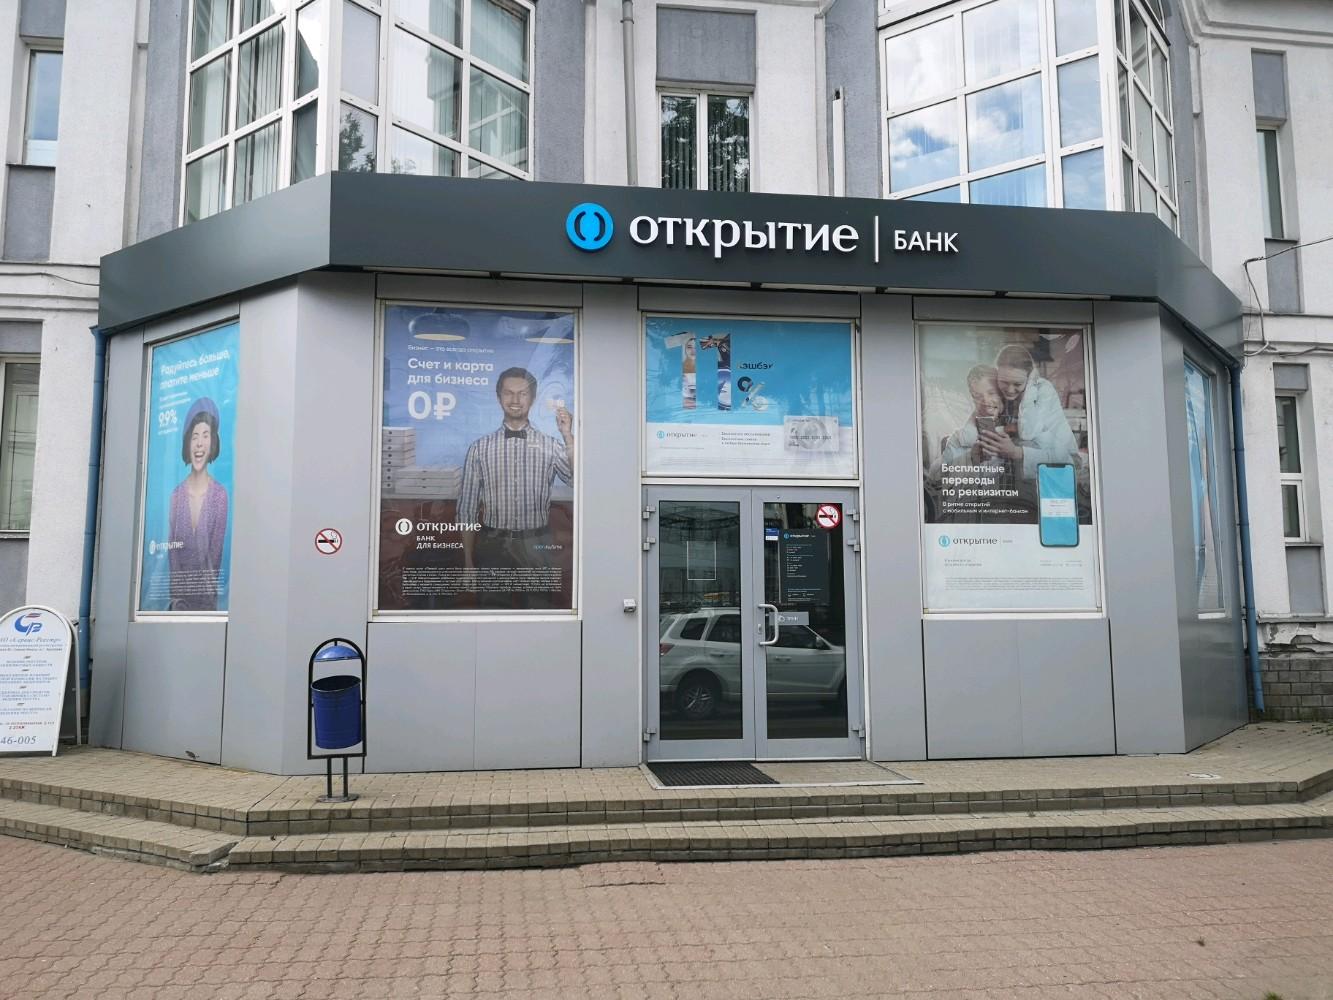 Банкоматы банка Открытие - адреса на карте